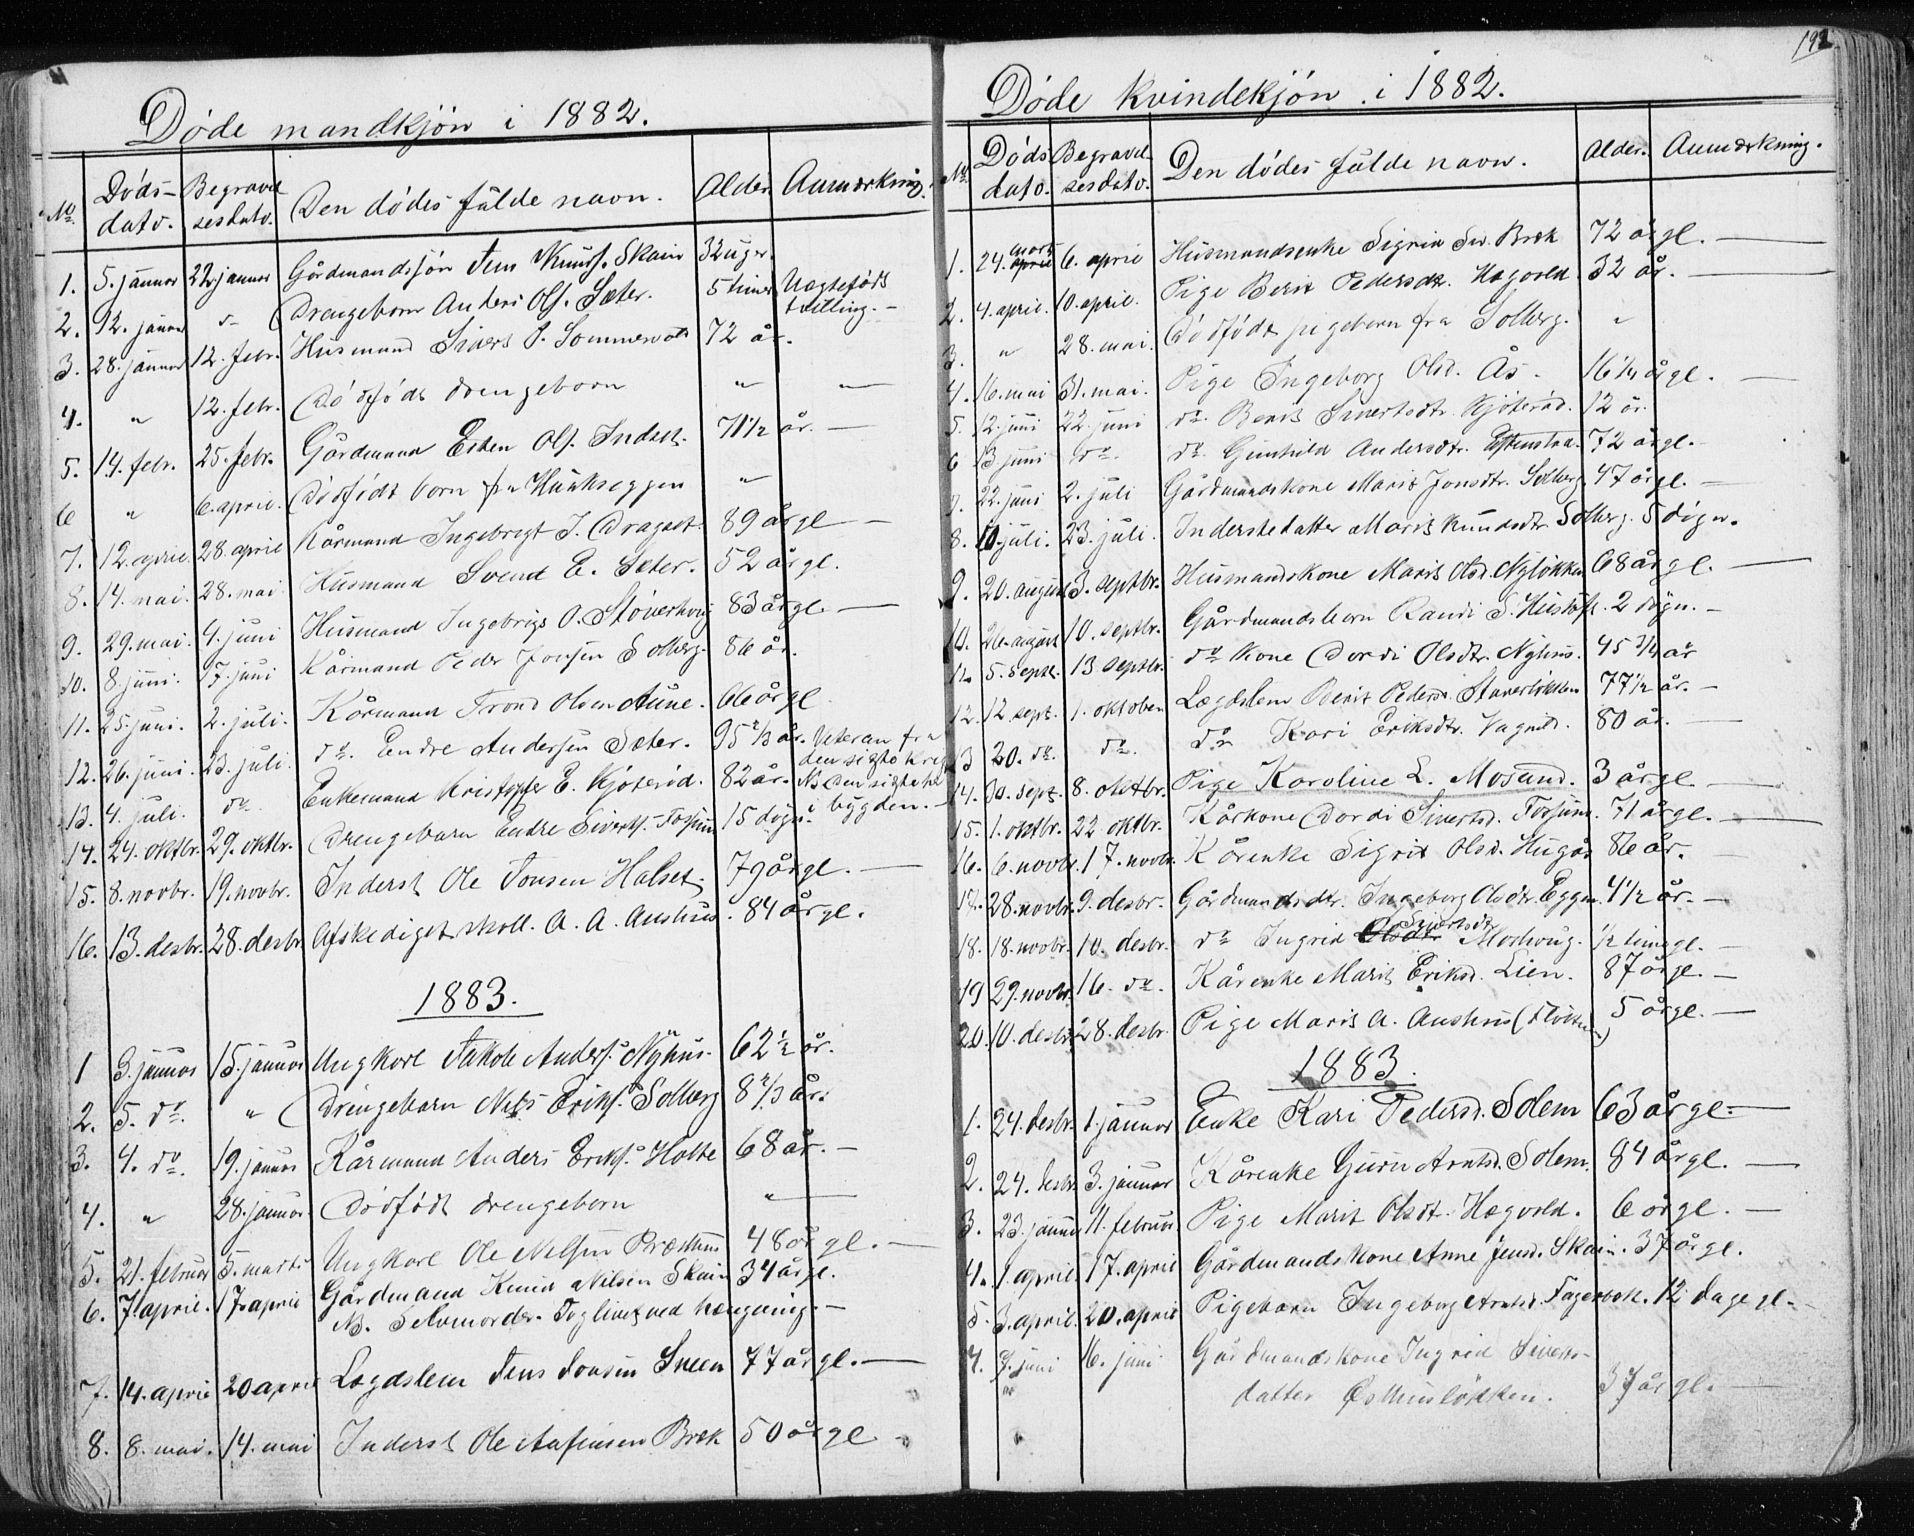 SAT, Ministerialprotokoller, klokkerbøker og fødselsregistre - Sør-Trøndelag, 689/L1043: Klokkerbok nr. 689C02, 1816-1892, s. 192